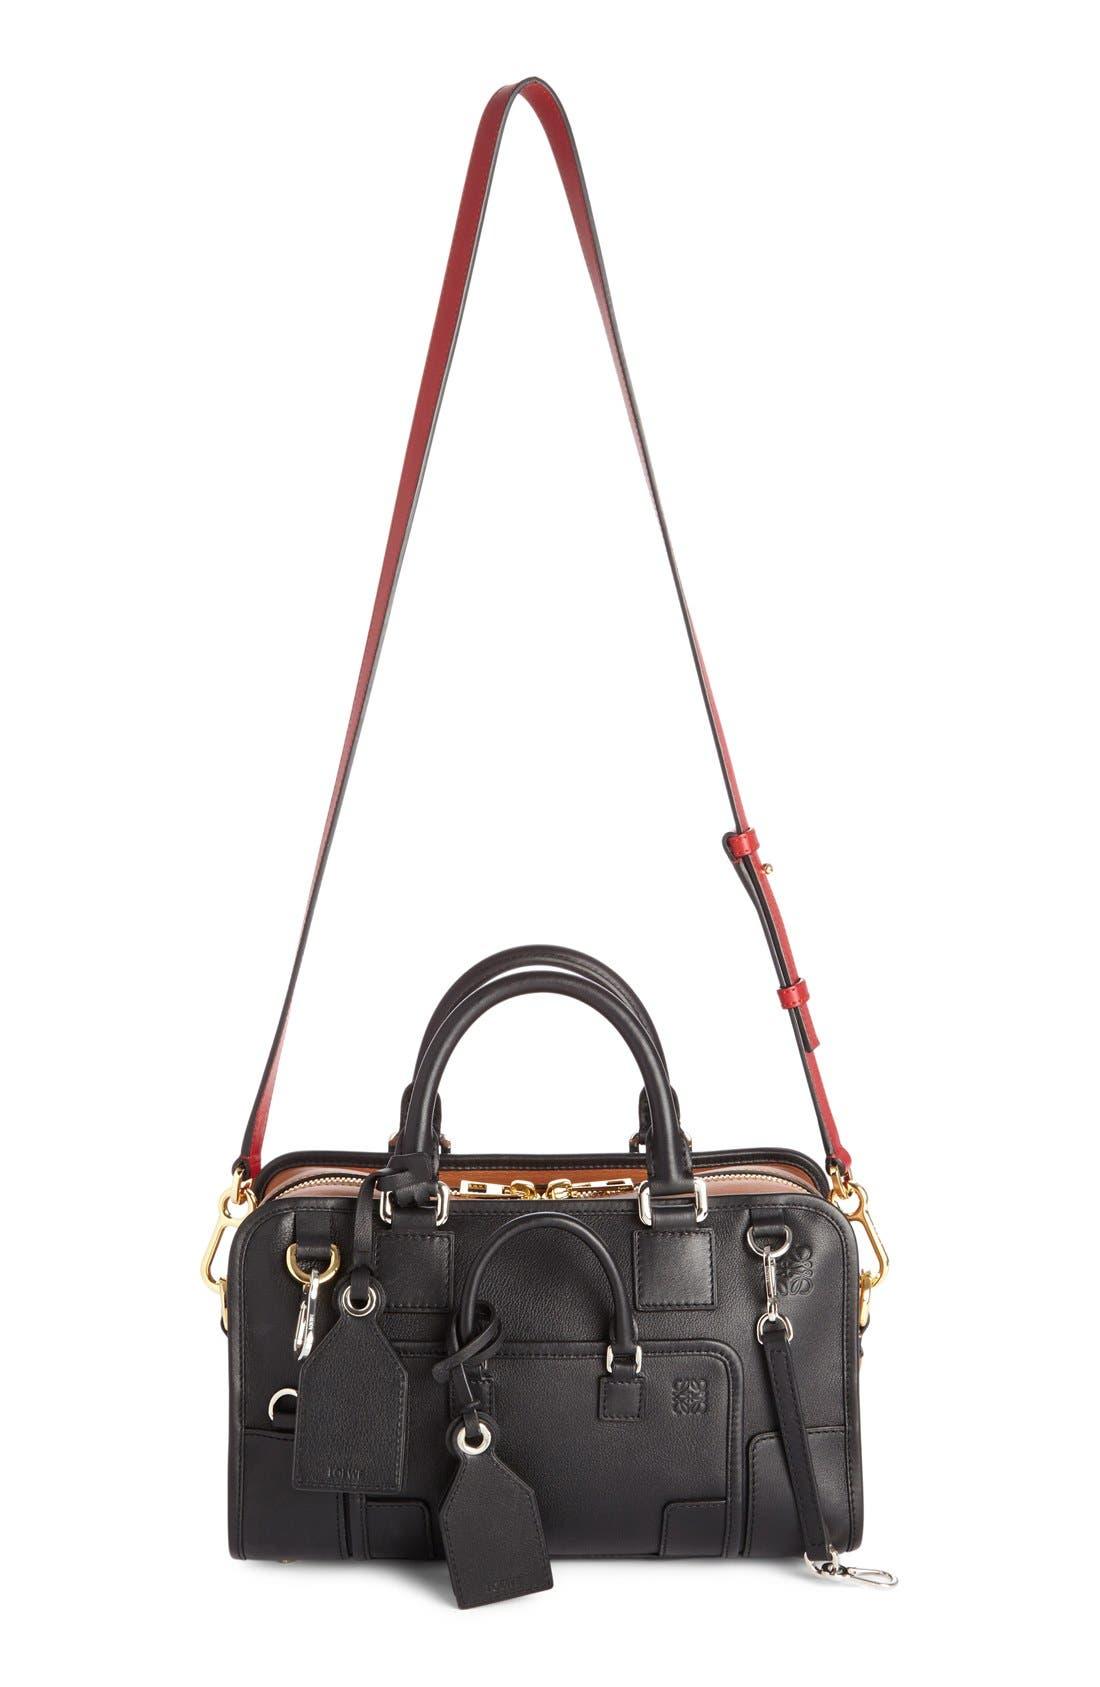 Loewe 'Amazona Multiplication' Bicolor Leather Satchel